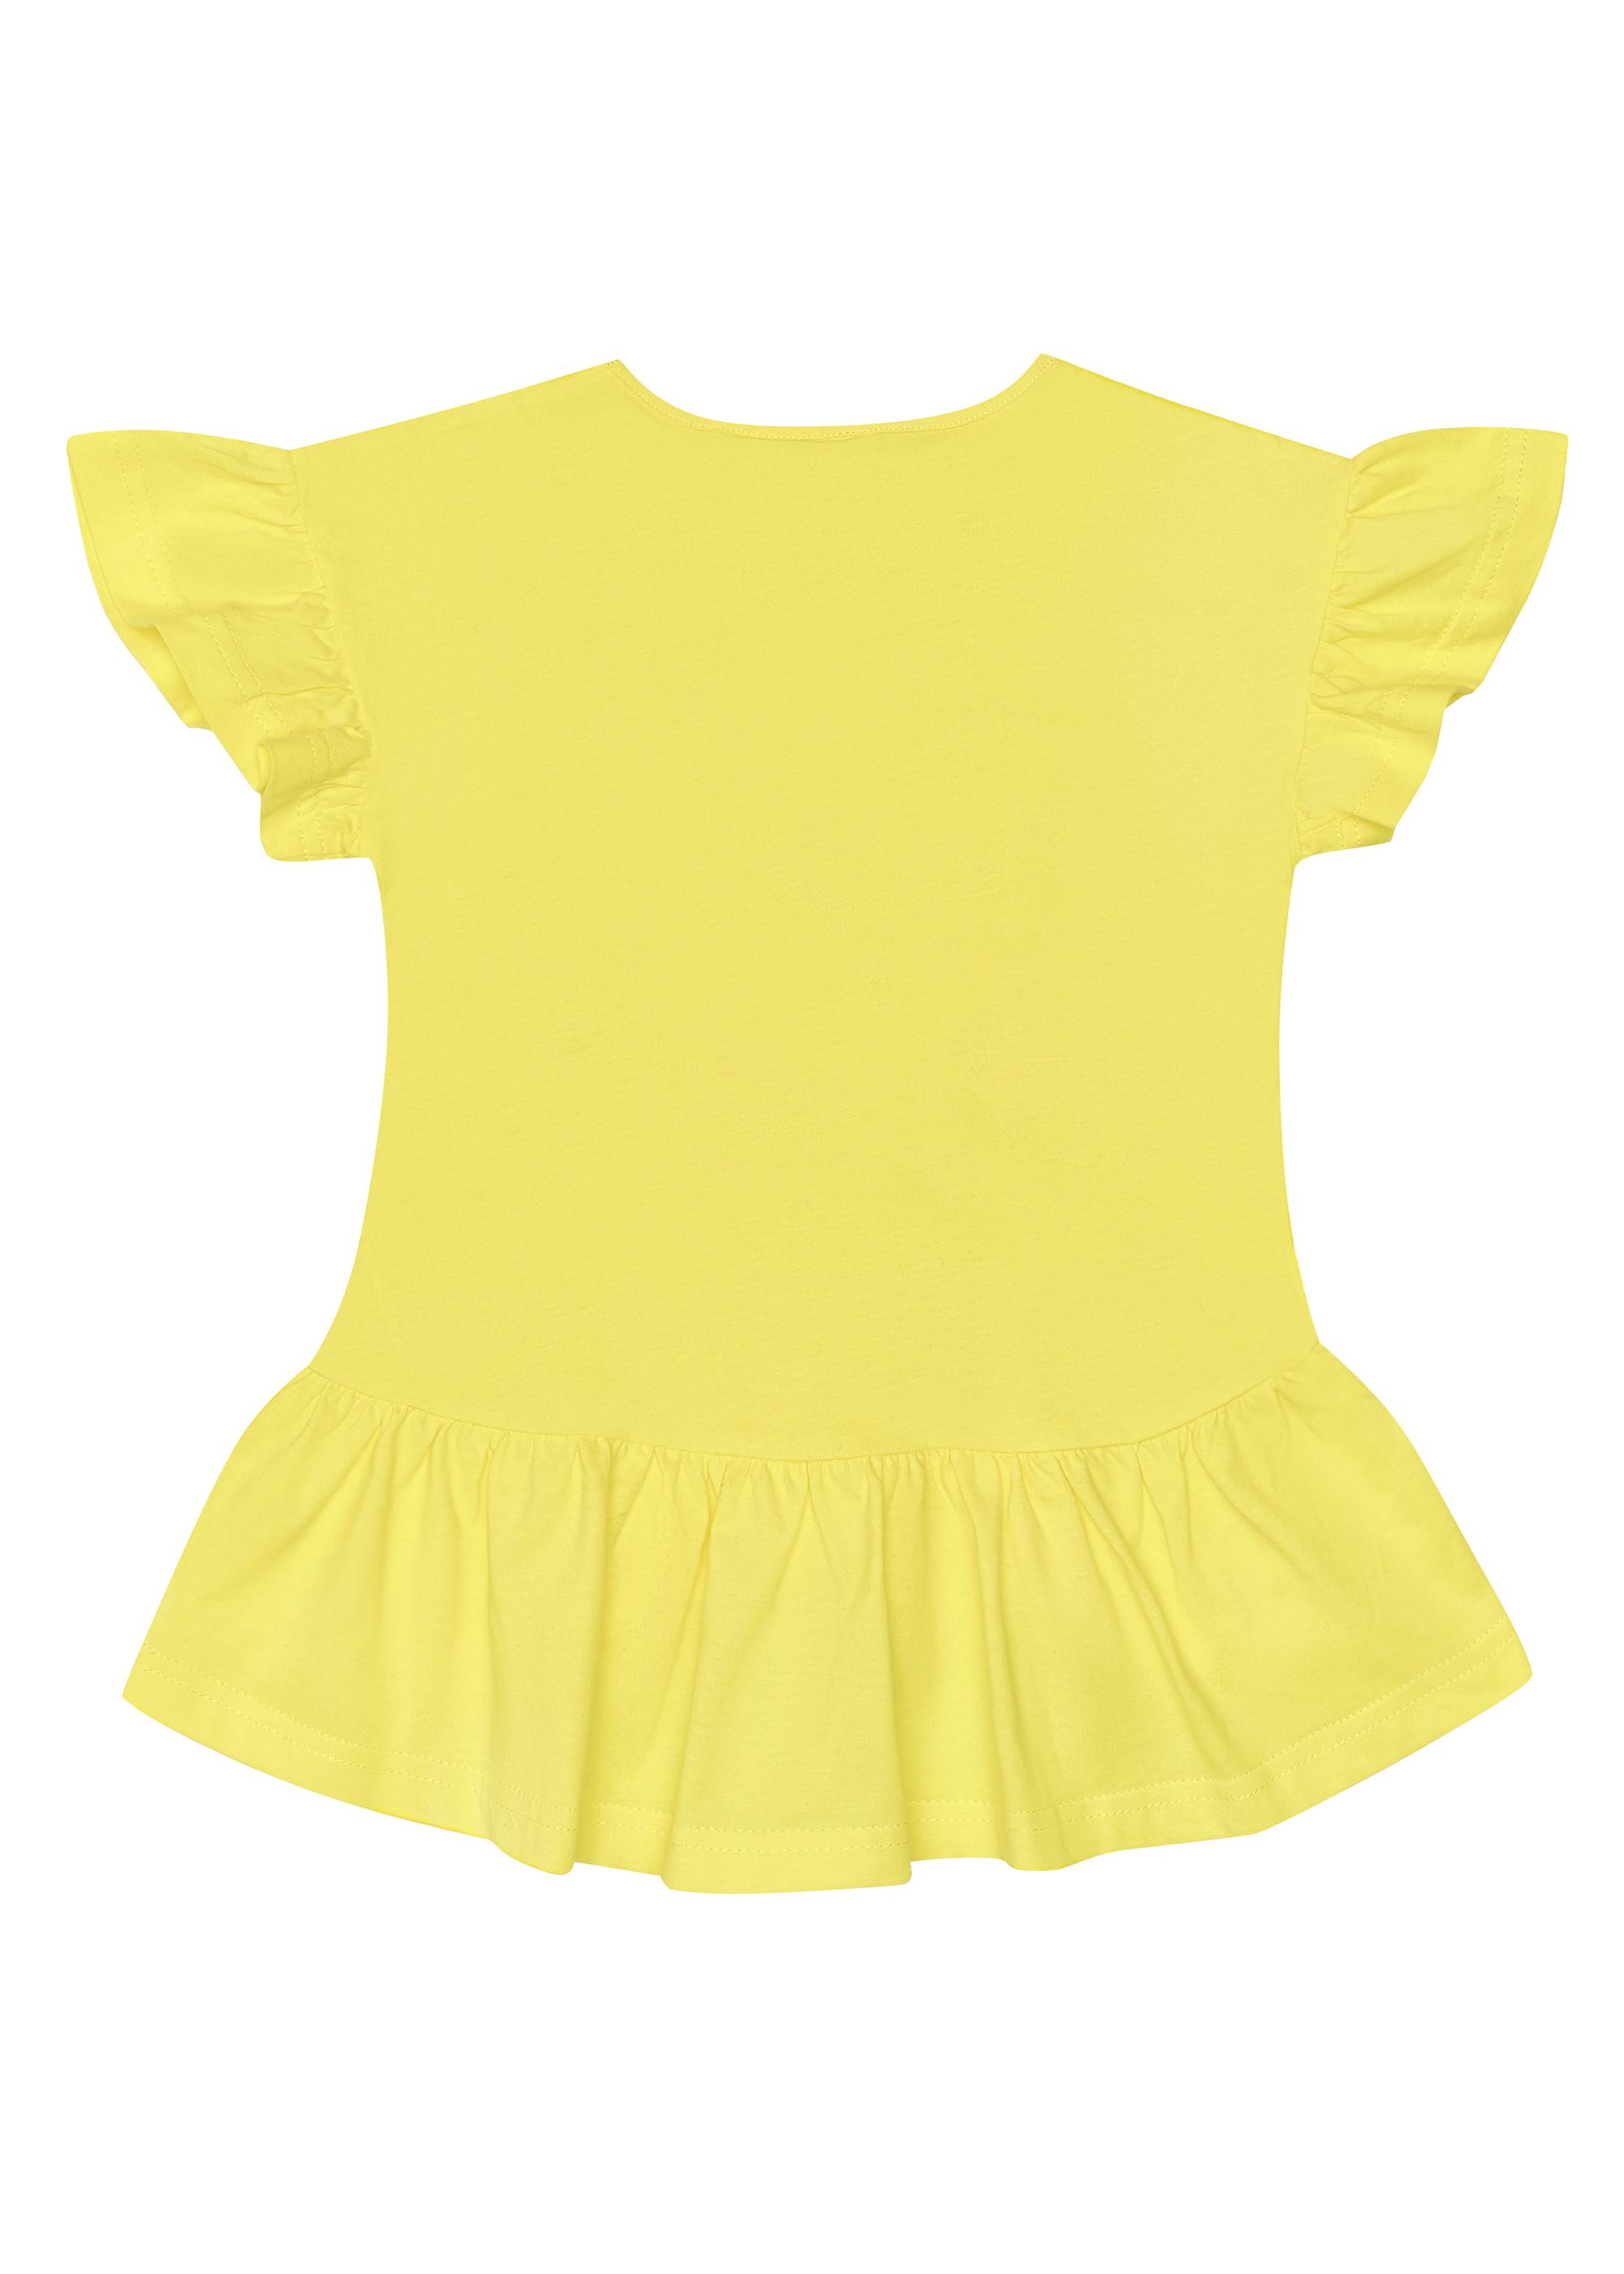 Elegantní dívčí tričko Tree Nymph Bílá, Malinová, Žlutá